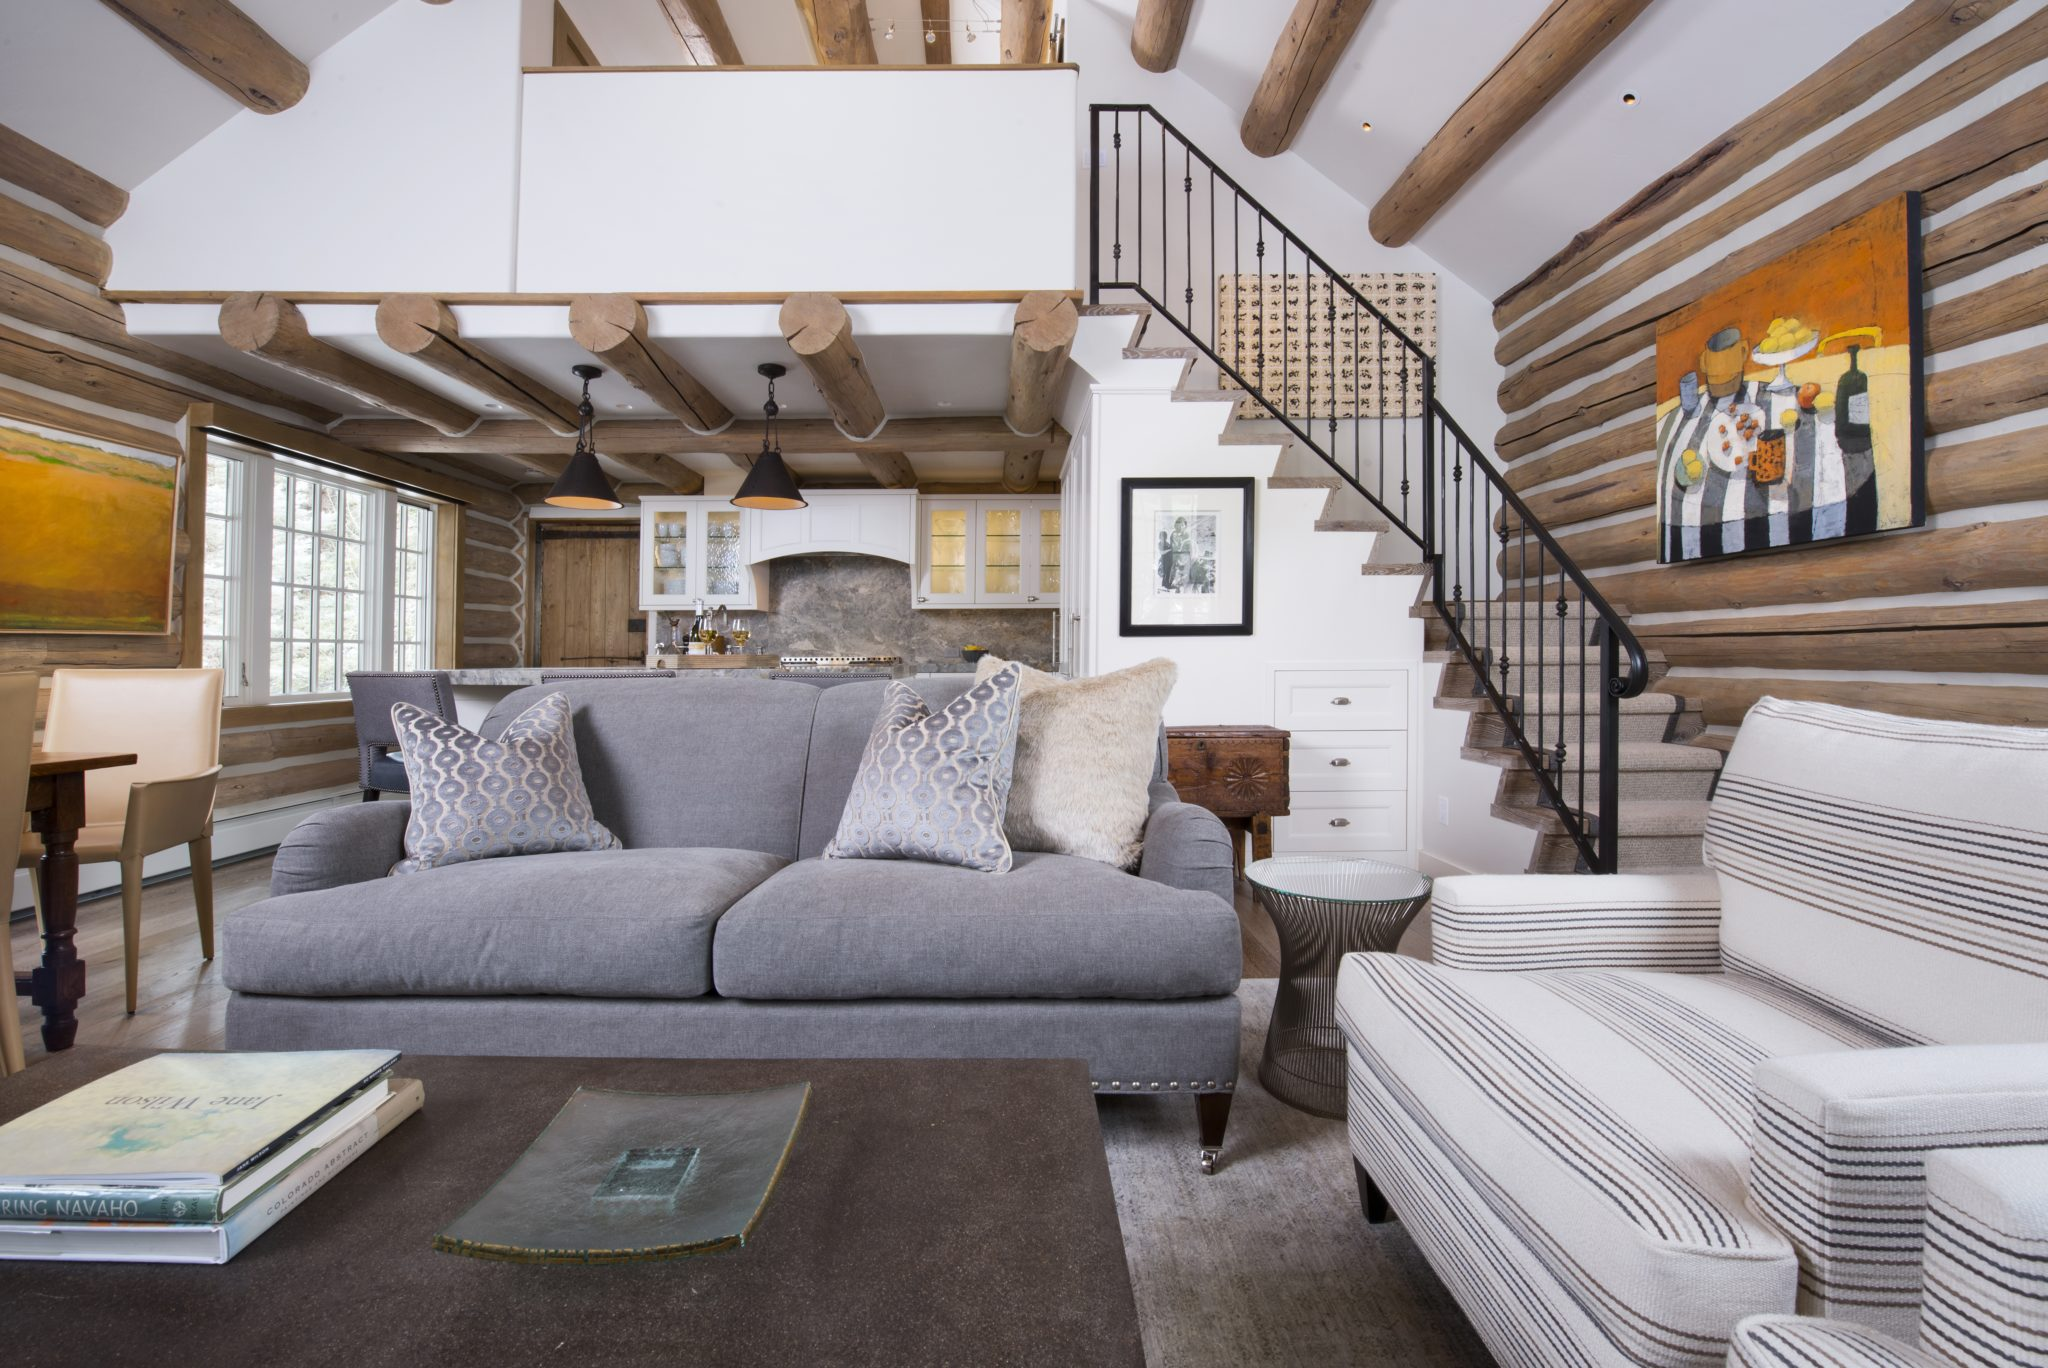 Interior design bySlifer Designs